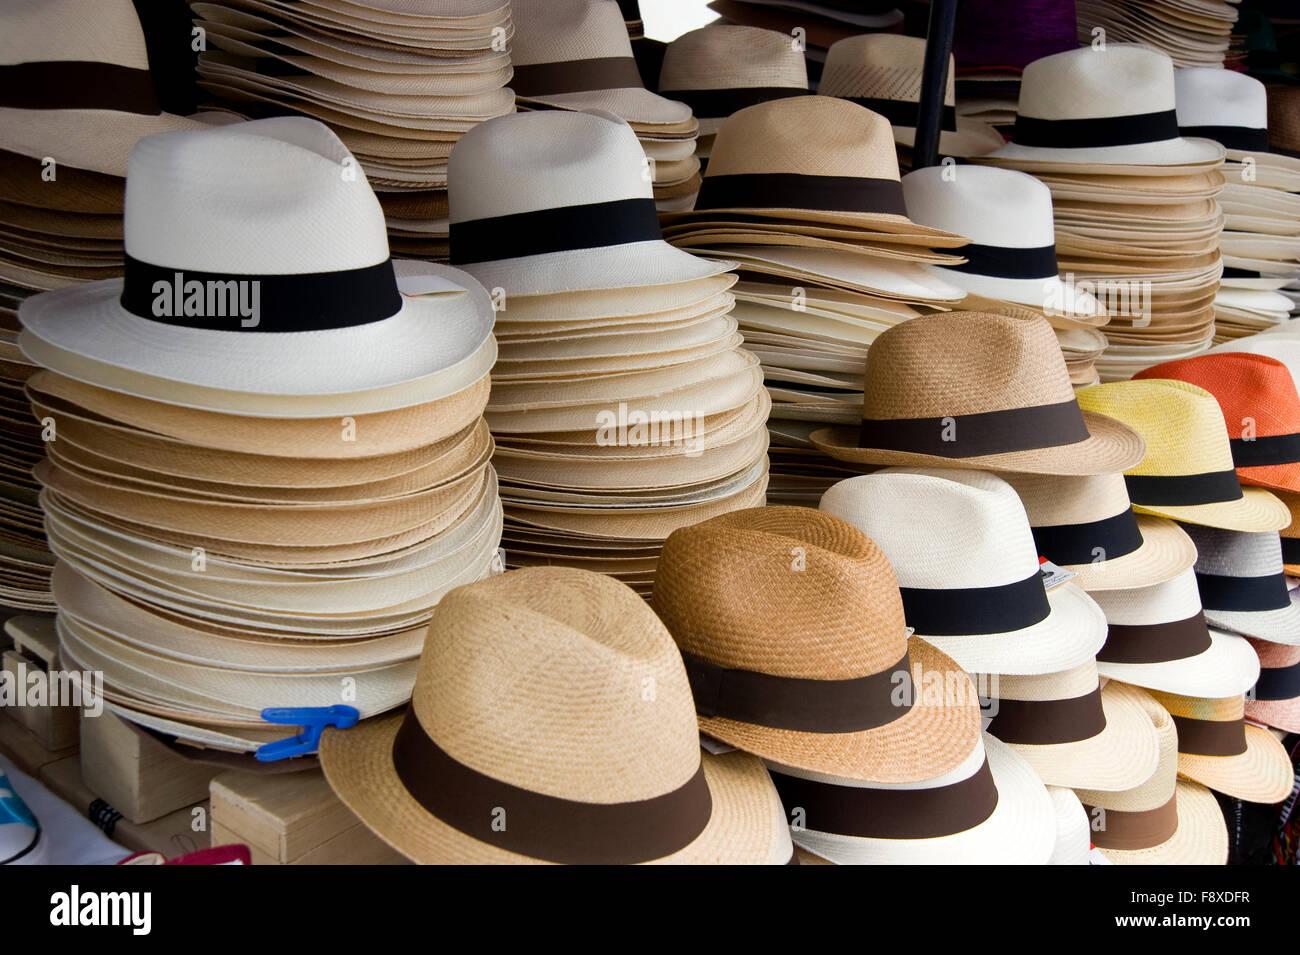 Sombreros De Panama Imágenes De Stock   Sombreros De Panama Fotos De ... 61a716f67f5